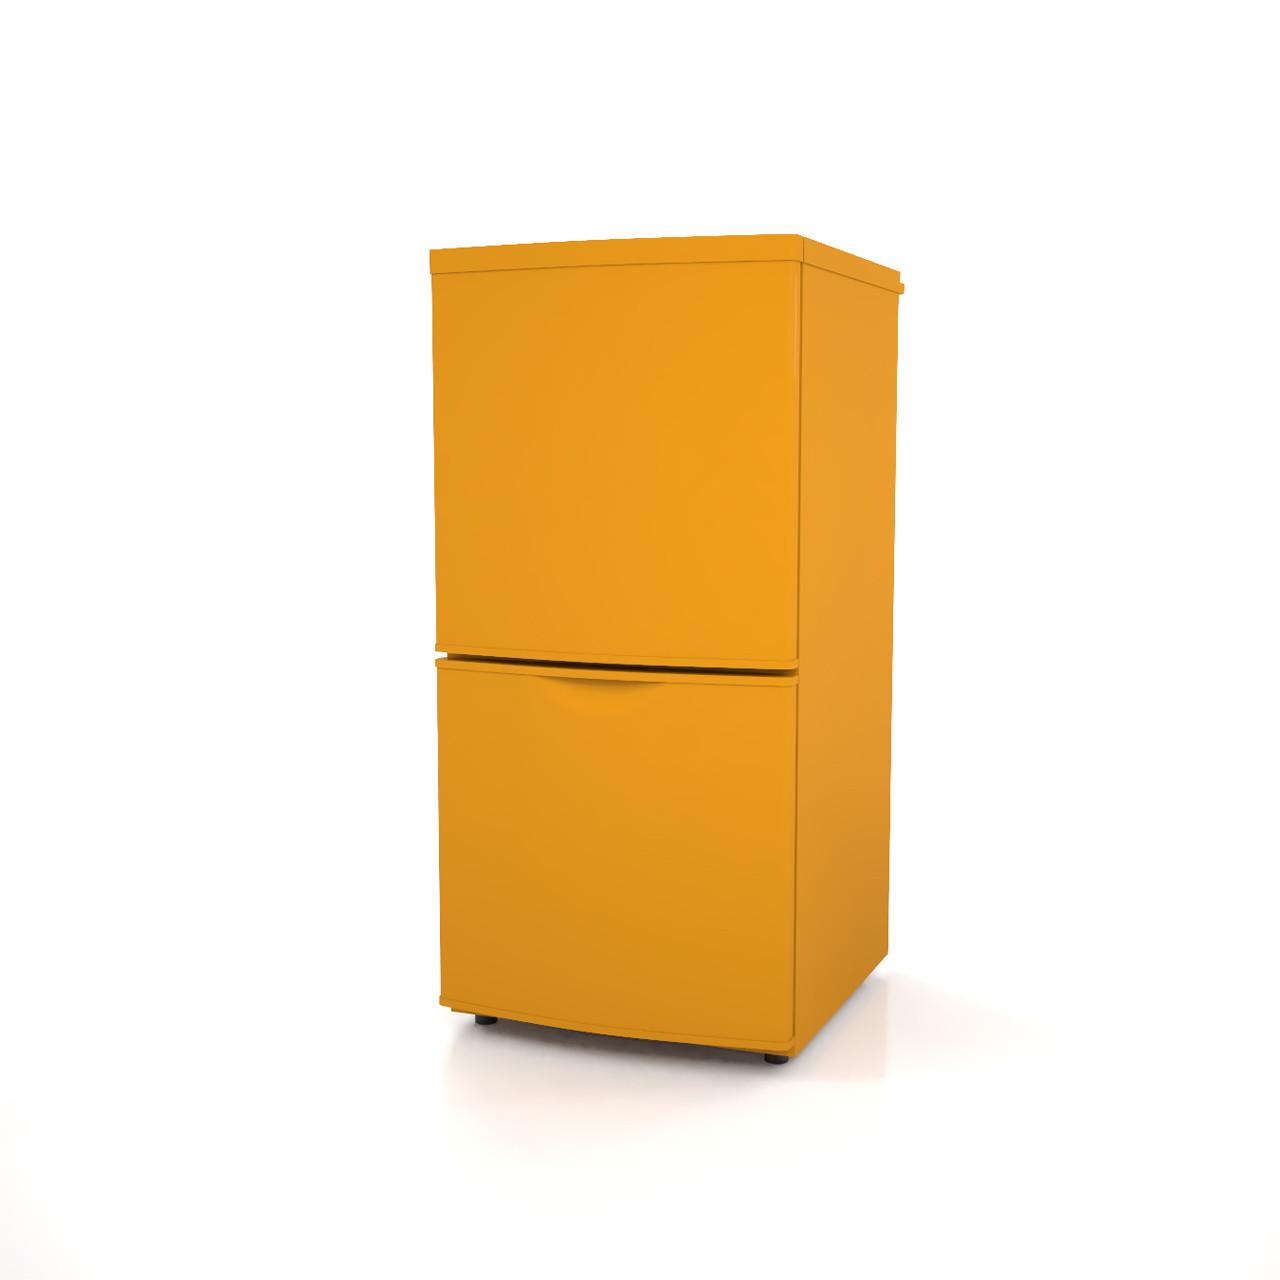 高さ1mサイズの小型の冷蔵庫(オレンジ色)の3dCADデータ│インテリア 家電製品 冷蔵庫 refrigerator│3d cad データ フリー ダウンロード 無料 商用可能 建築パース フリー素材 formZ 3D 3ds obj Free download│digital-architex.com